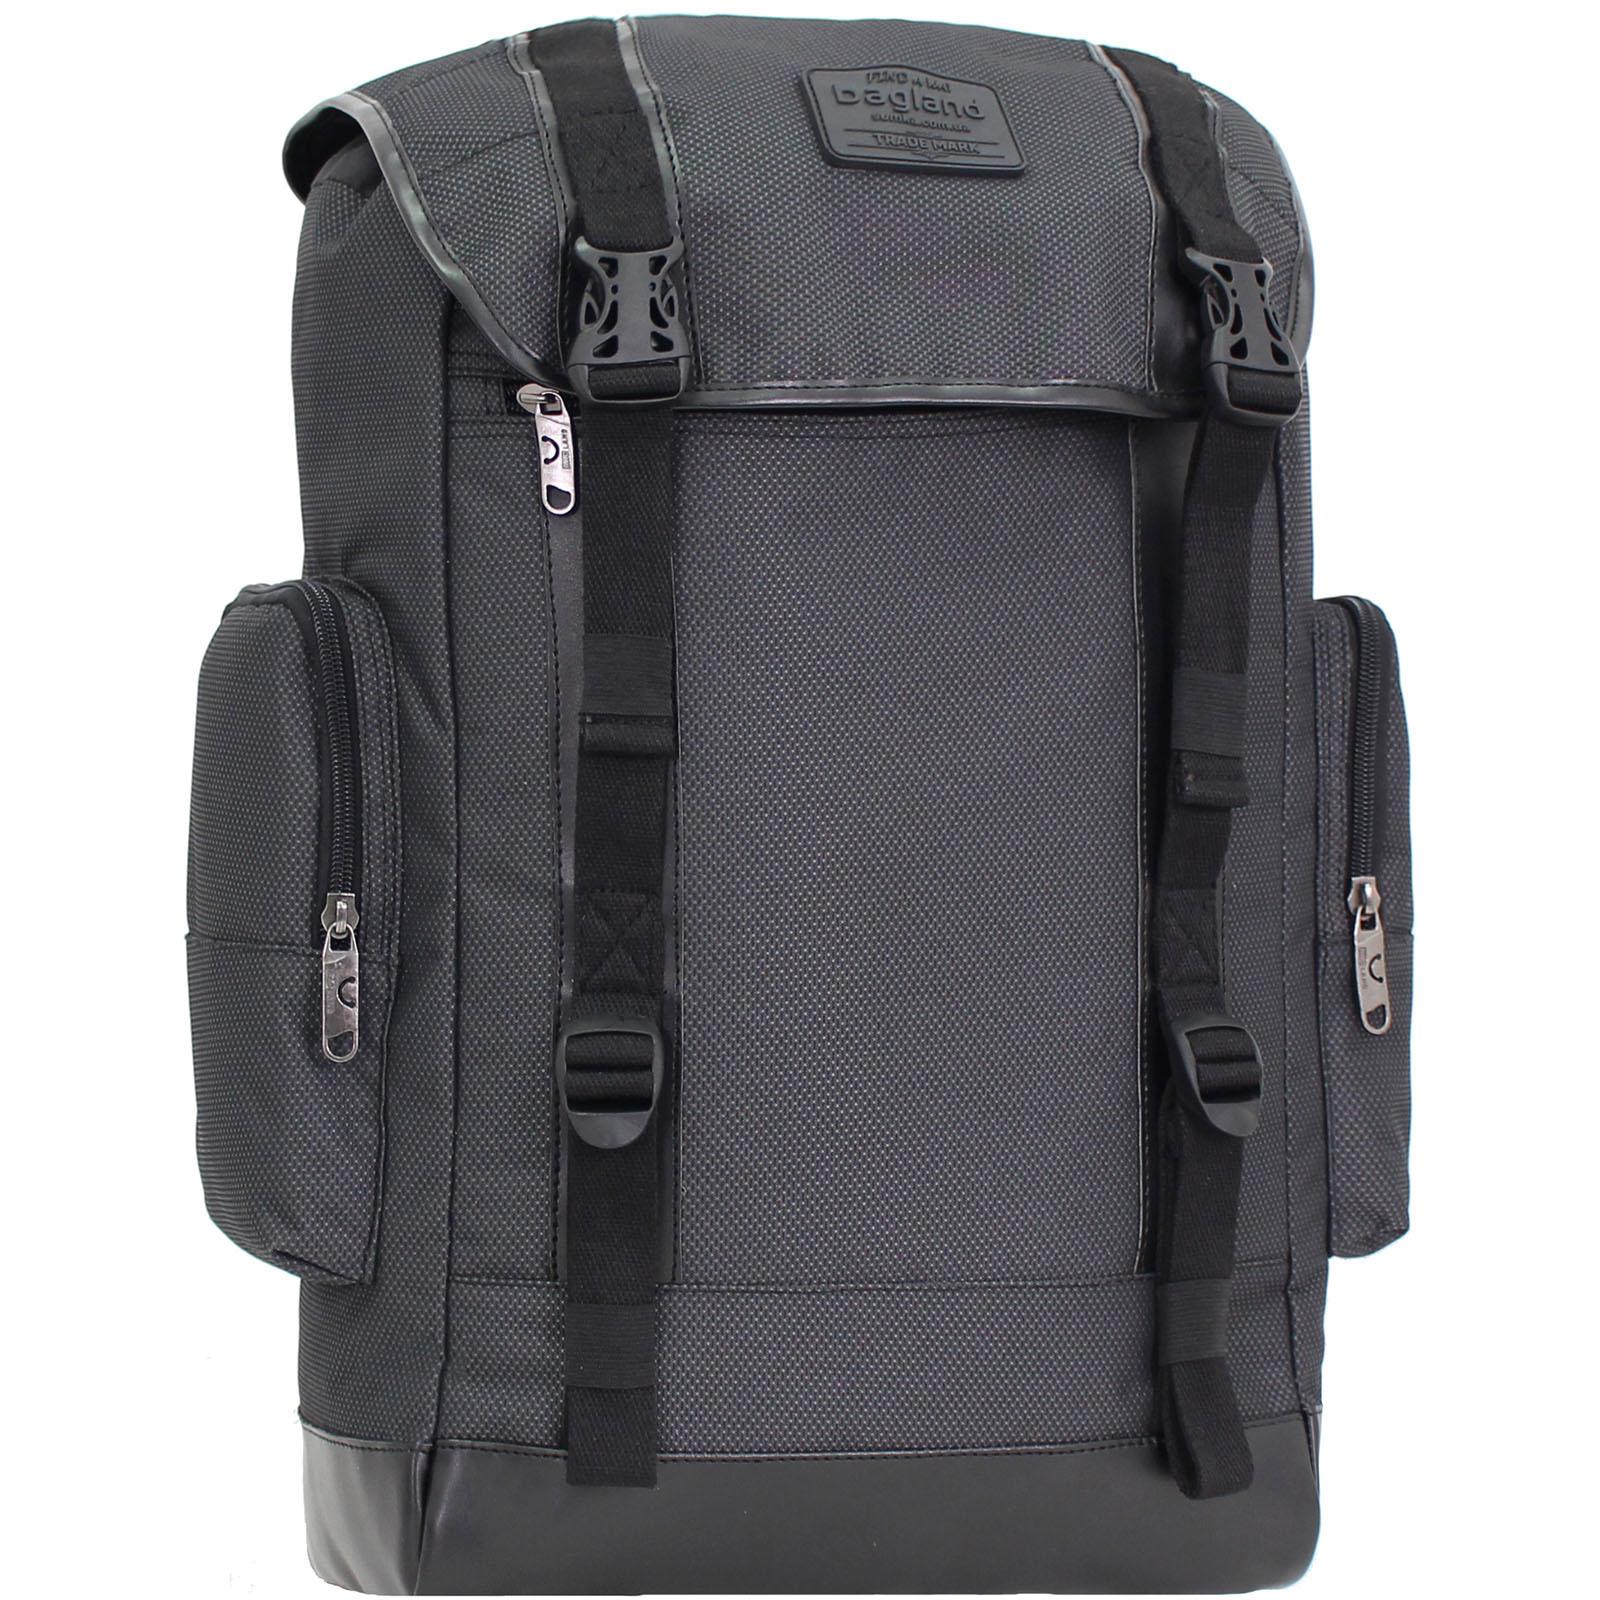 Городские рюкзаки Рюкзак для ноутбука Bagland Palermo 25 л. Чёрный (00179169) IMG_9374.JPG